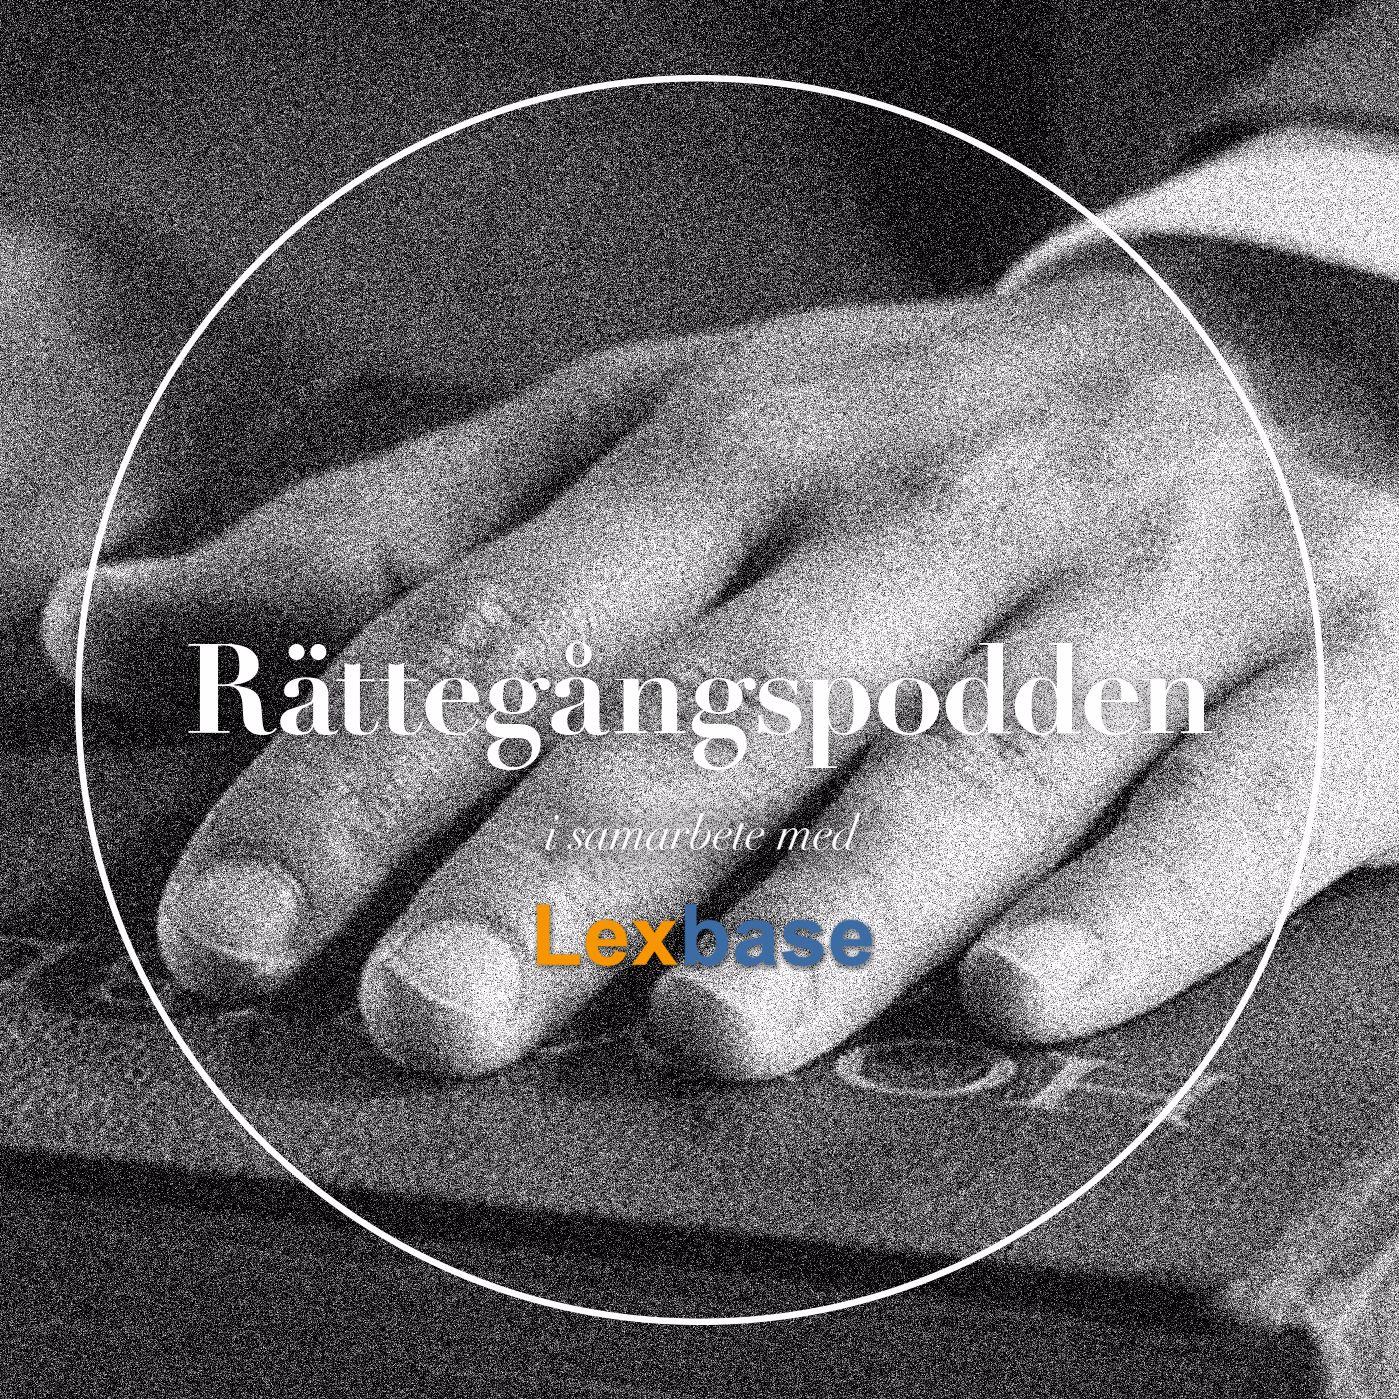 S03E11 Skotten i Vallåkra - Del 2